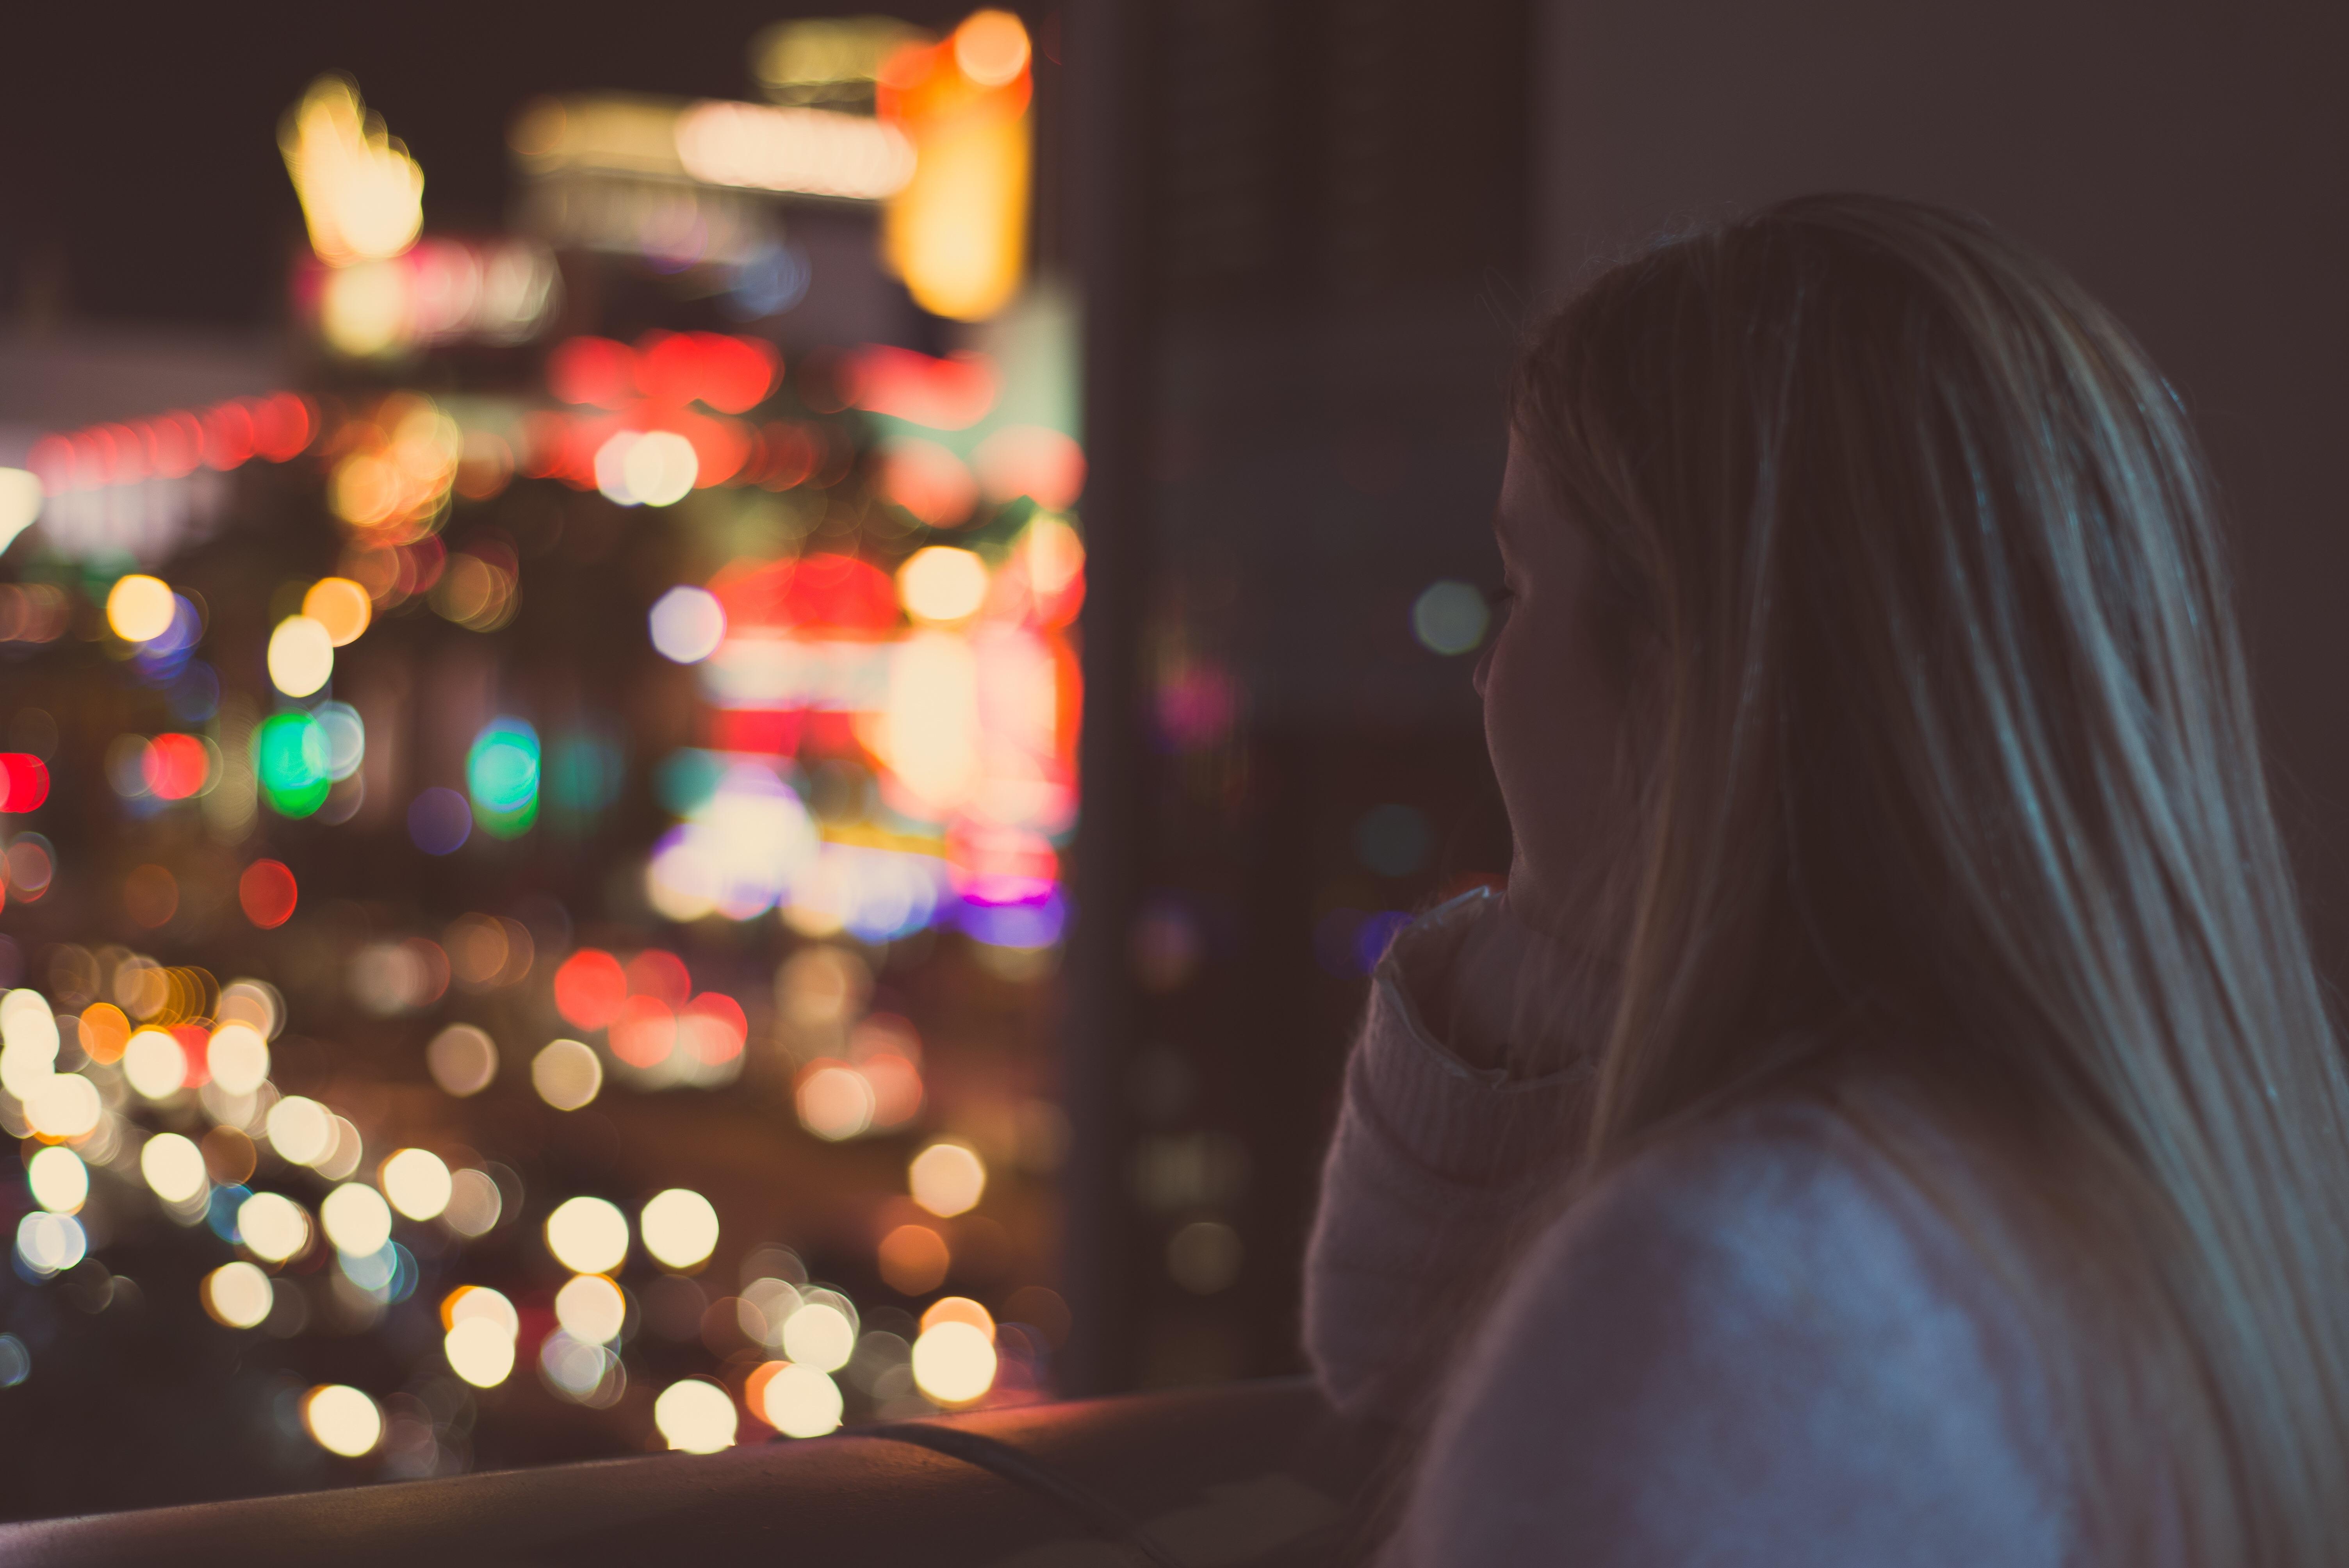 Красивые картинки девушек ночь